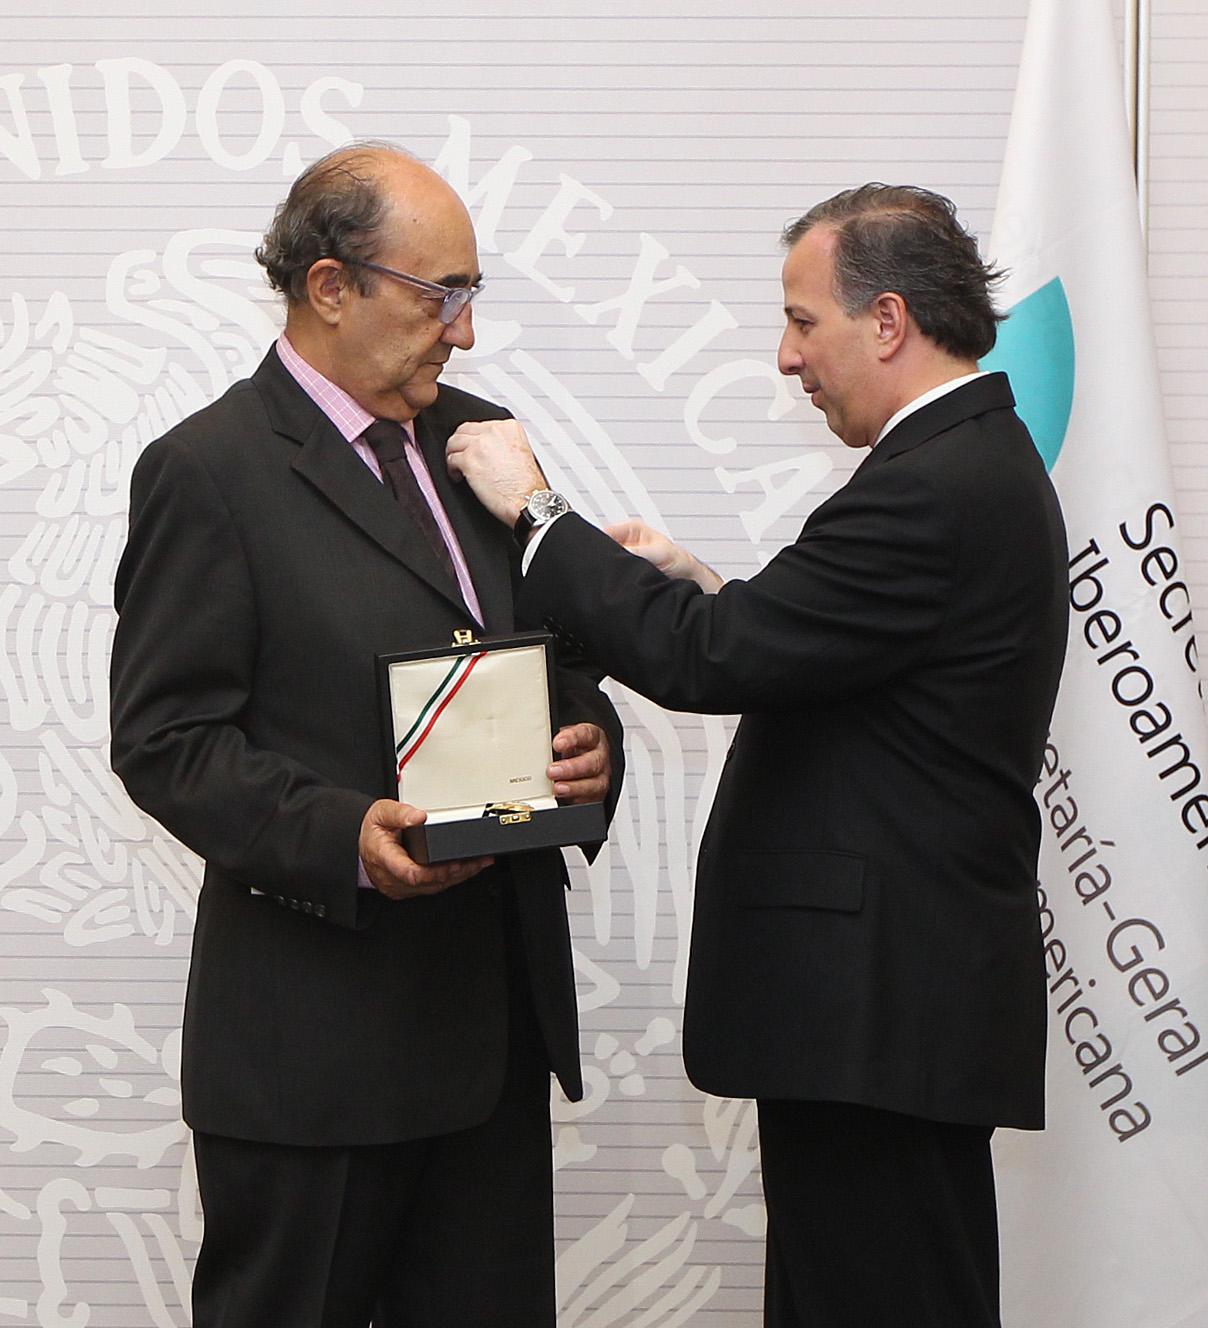 FOTO 1 Canciller Jos  Antonio Meade entrega a Manuel Gued n la Orden Mexicana del  guila Aztecajpg